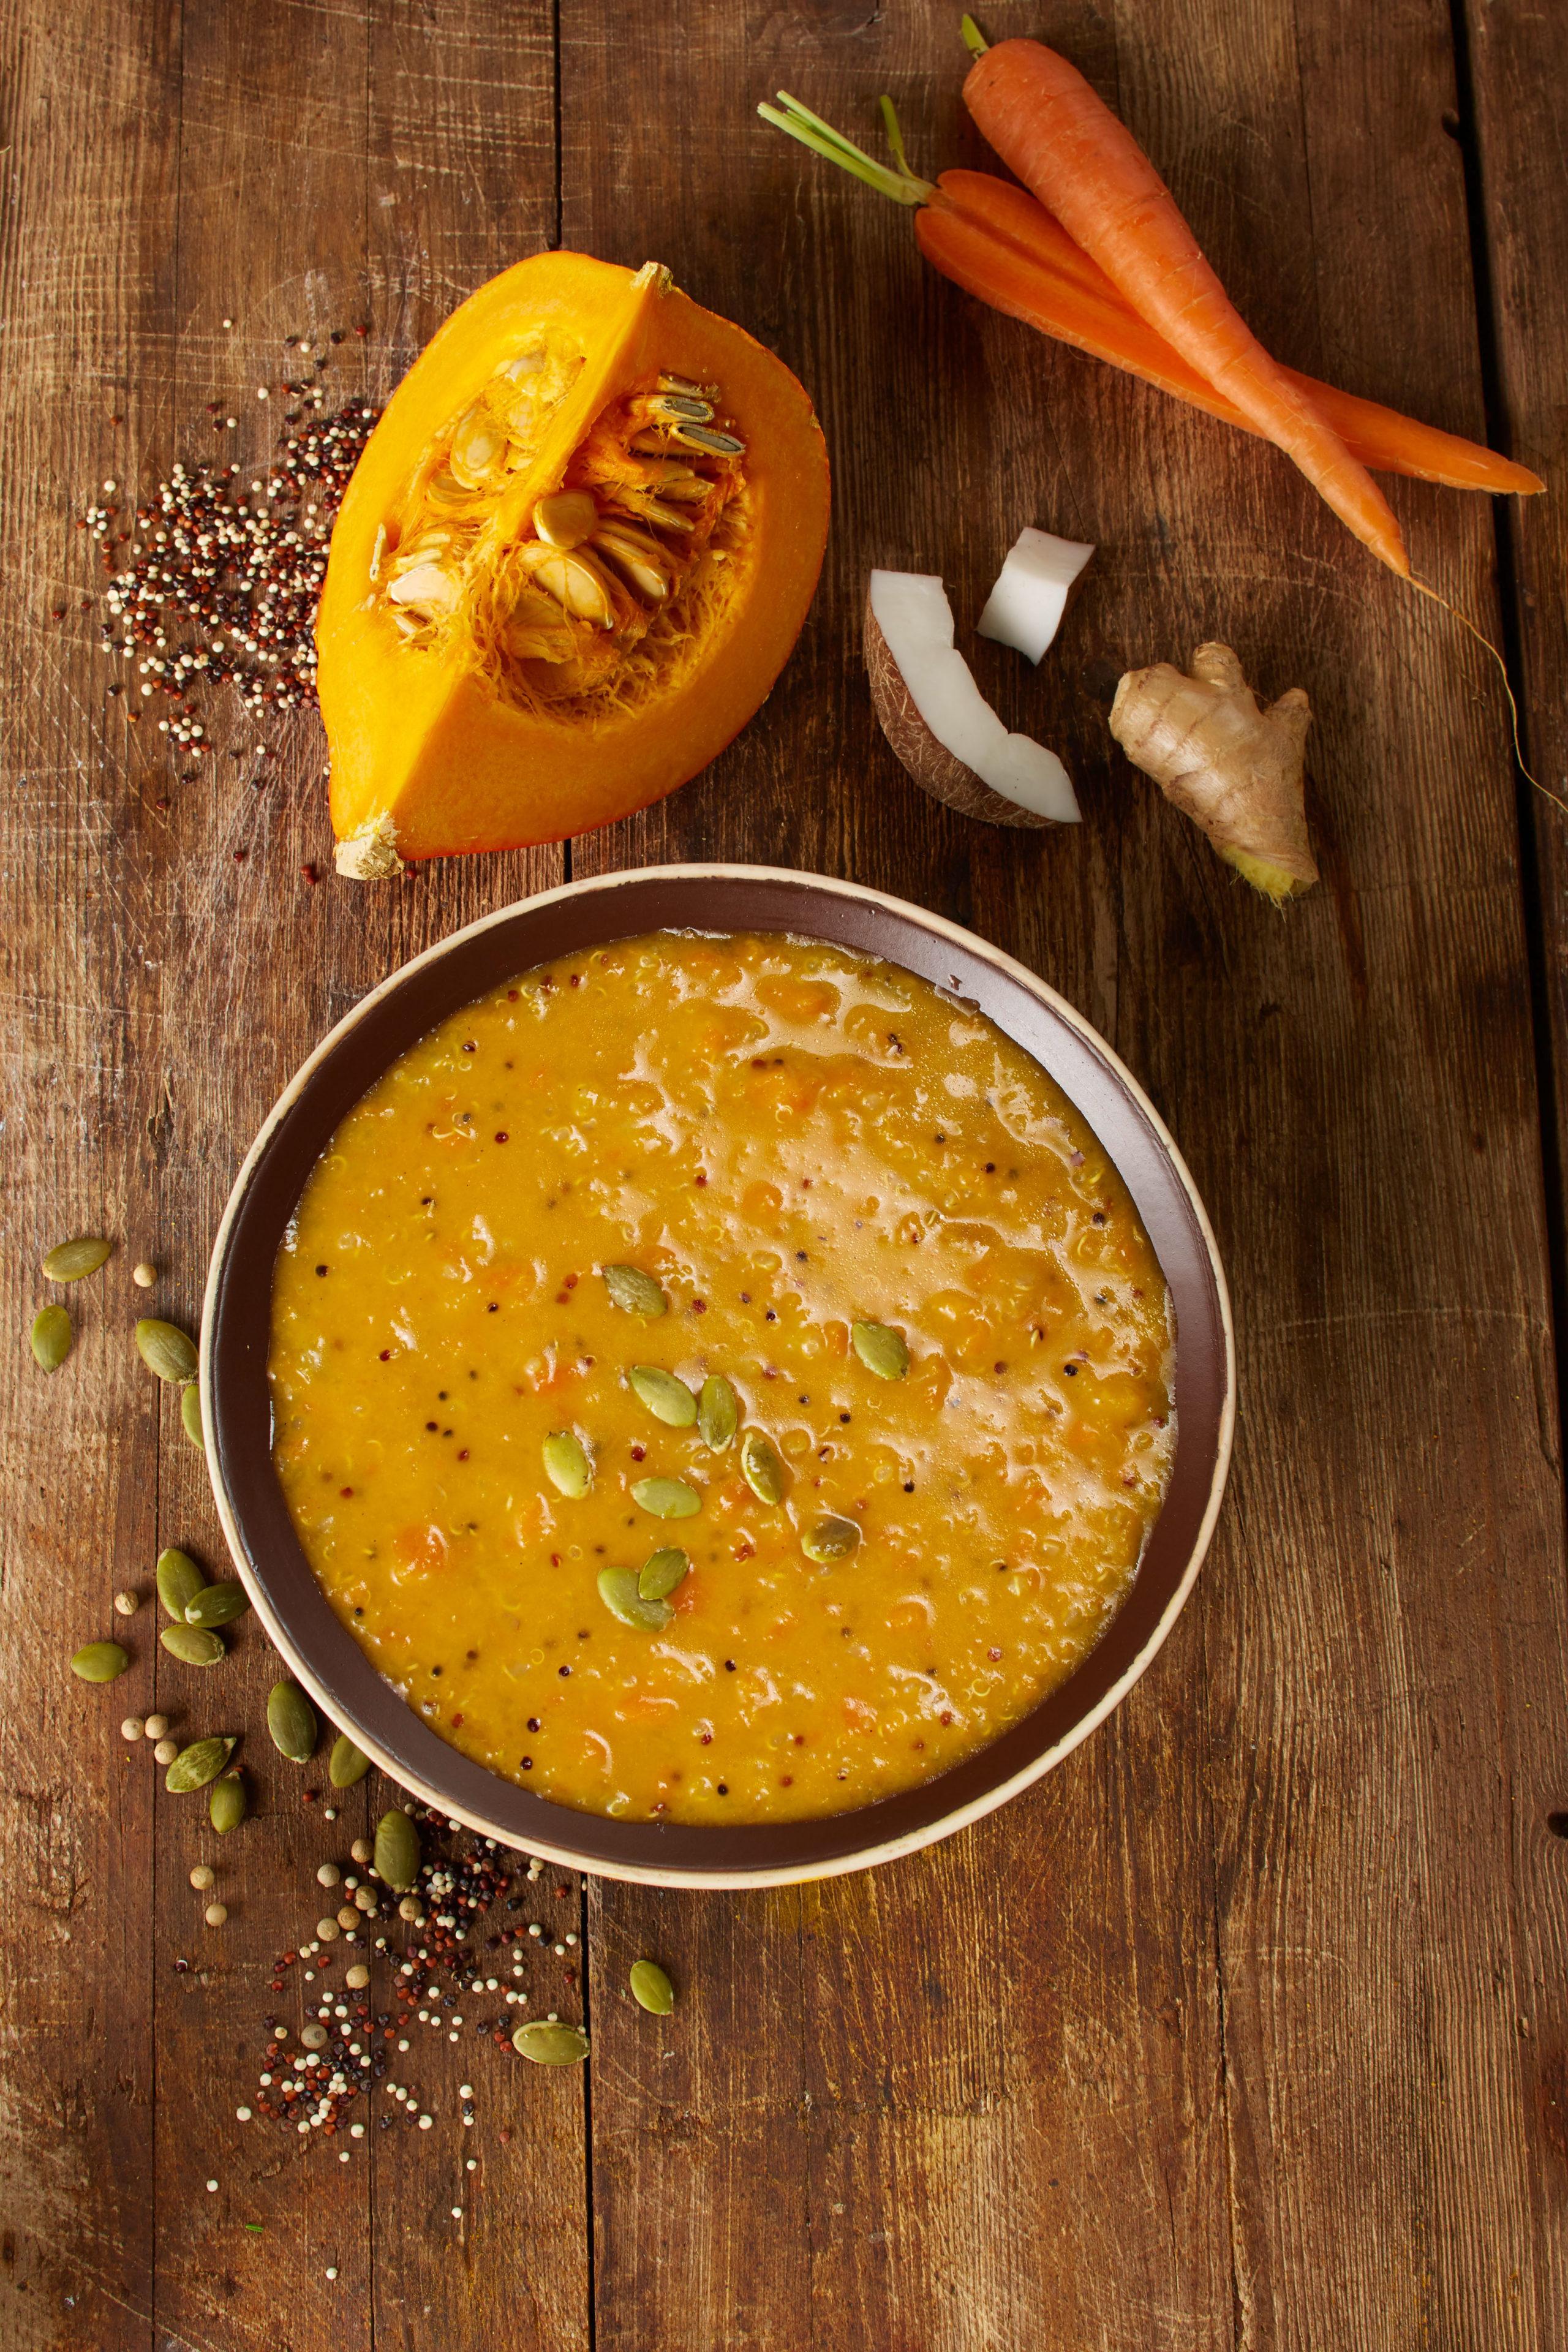 """Vegetarische Fertiggerichte stehen heute gleichberechtigt neben konventionellen Produkten im Supermarkt: Die """"Amerikanische Kürbis-Karotten-Suppe"""" beispielsweise ist sogar vegan."""